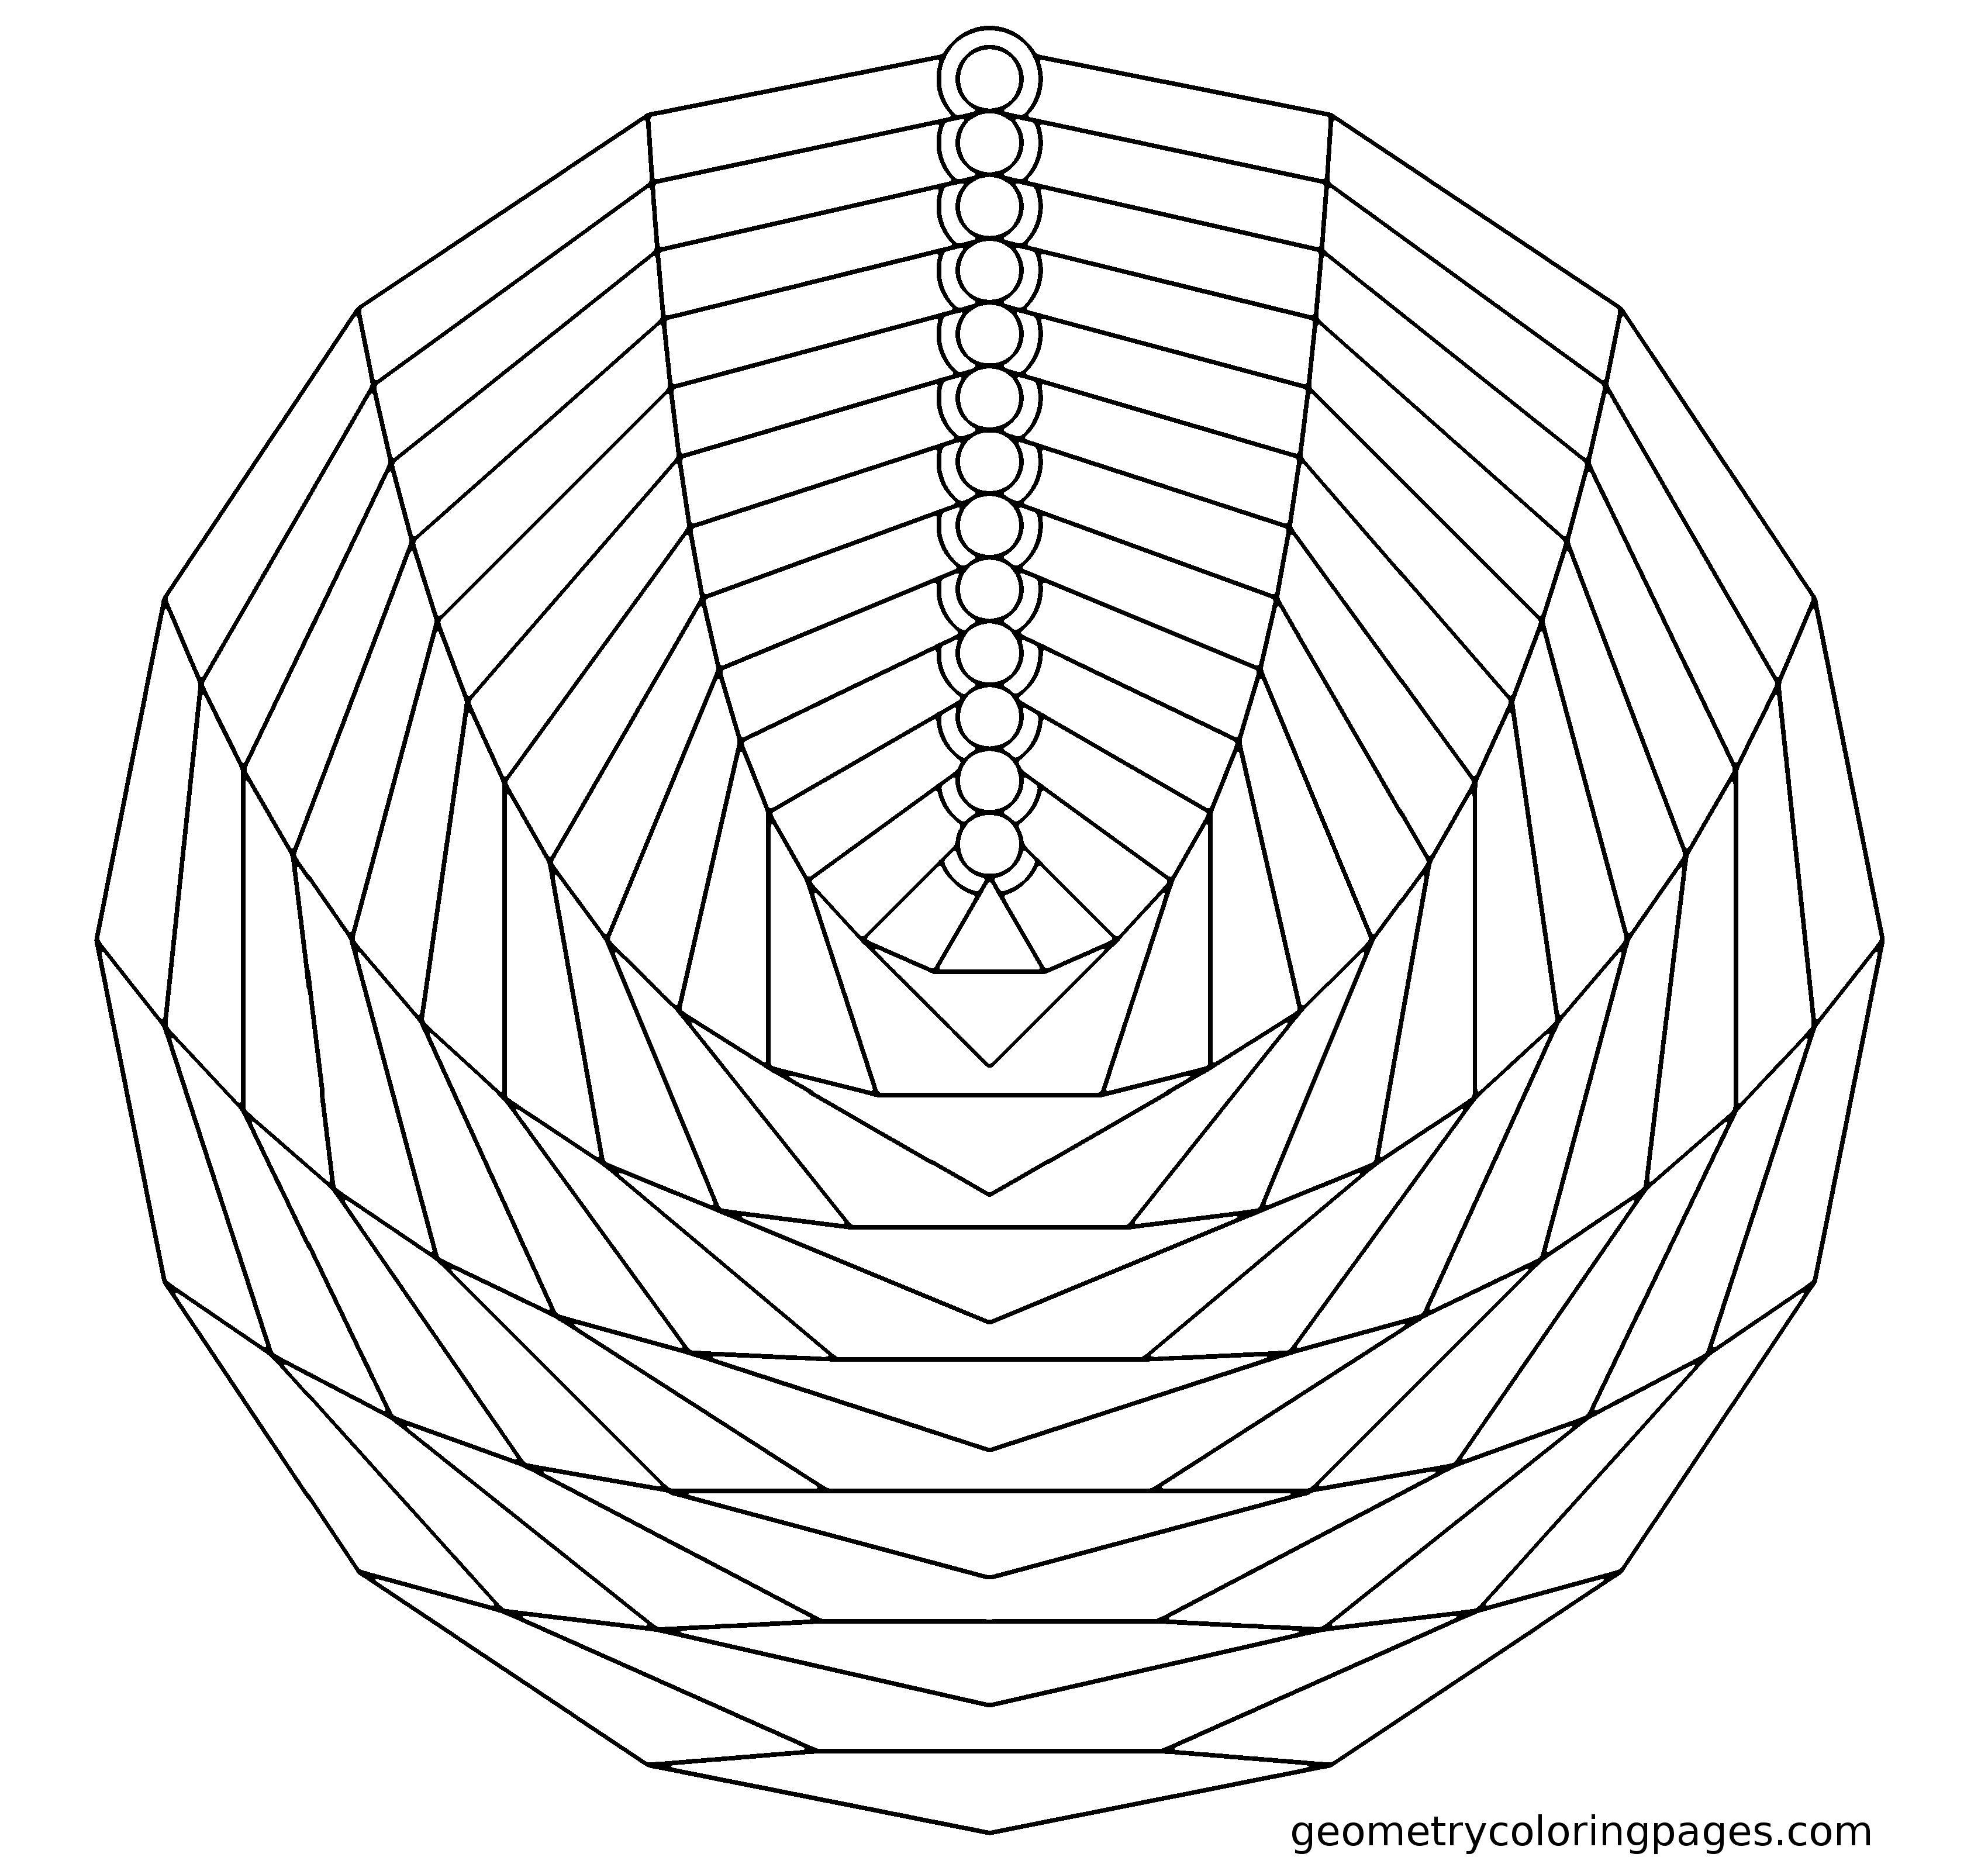 Mandala coloring page create desenhos pinterest mandala